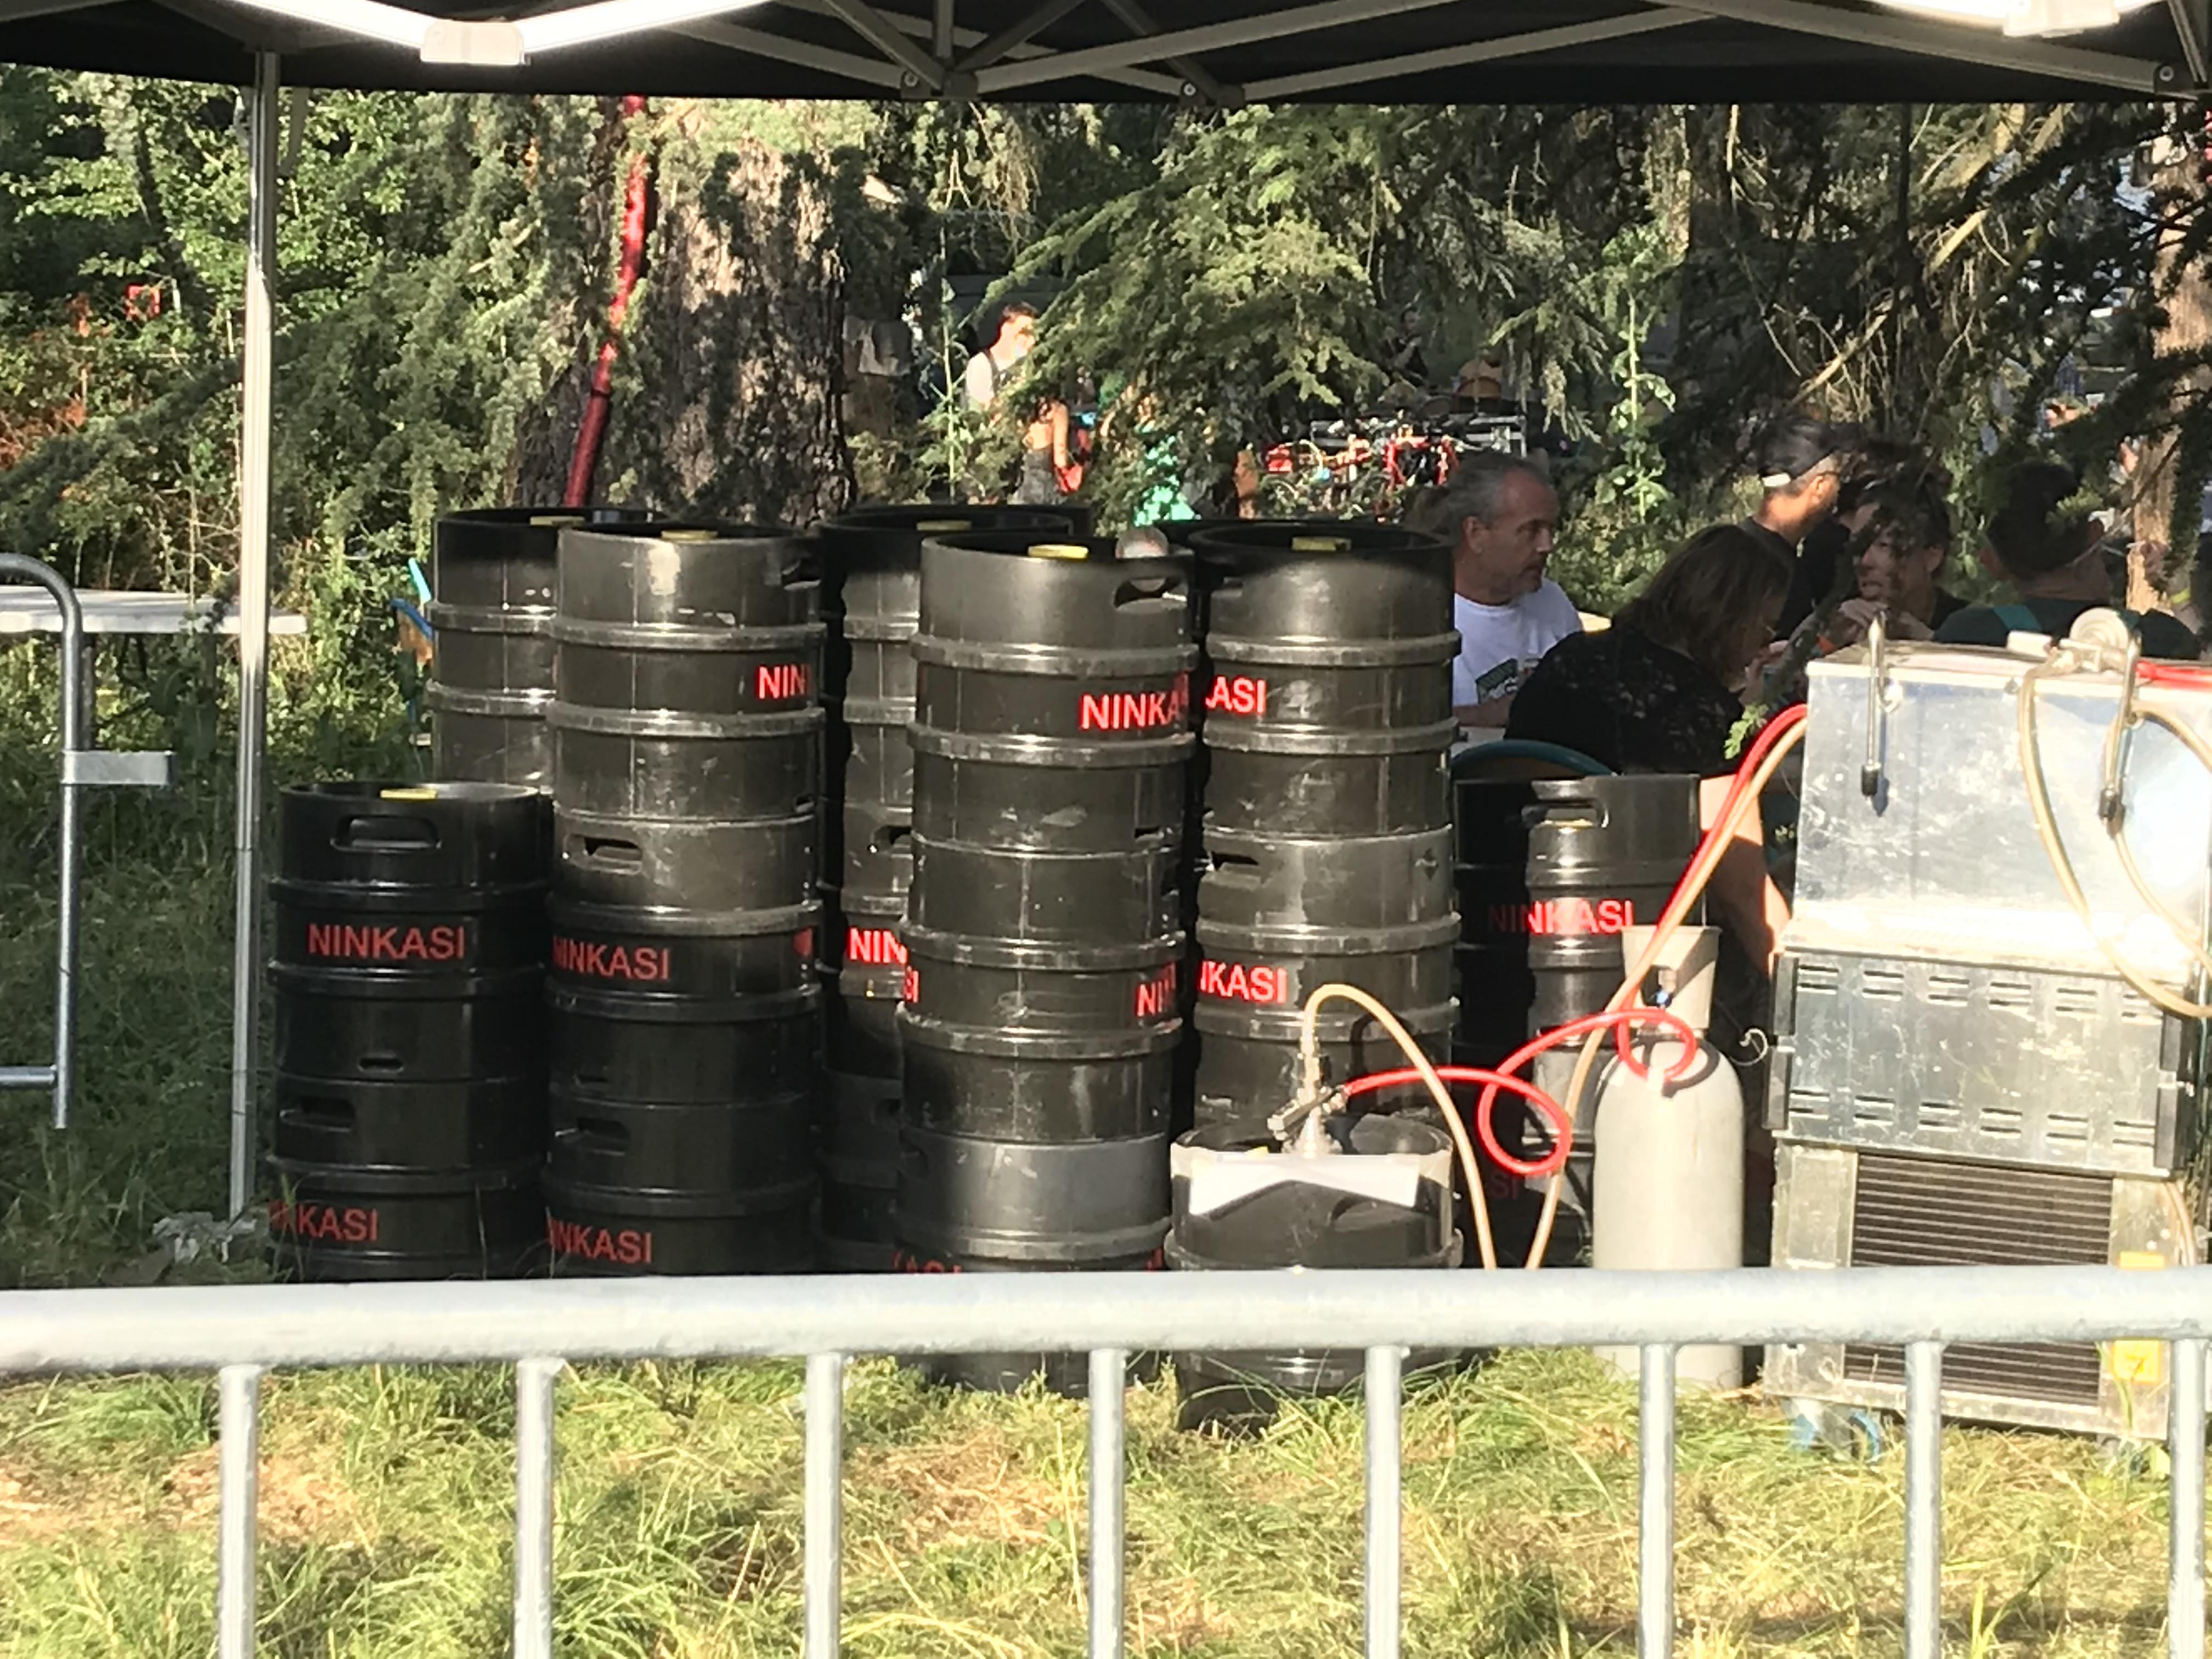 en extérieur, on a aussi besoin d'une bière fraîche… et c'est compliqué quand les fûts noirs se trouvent au soleil !